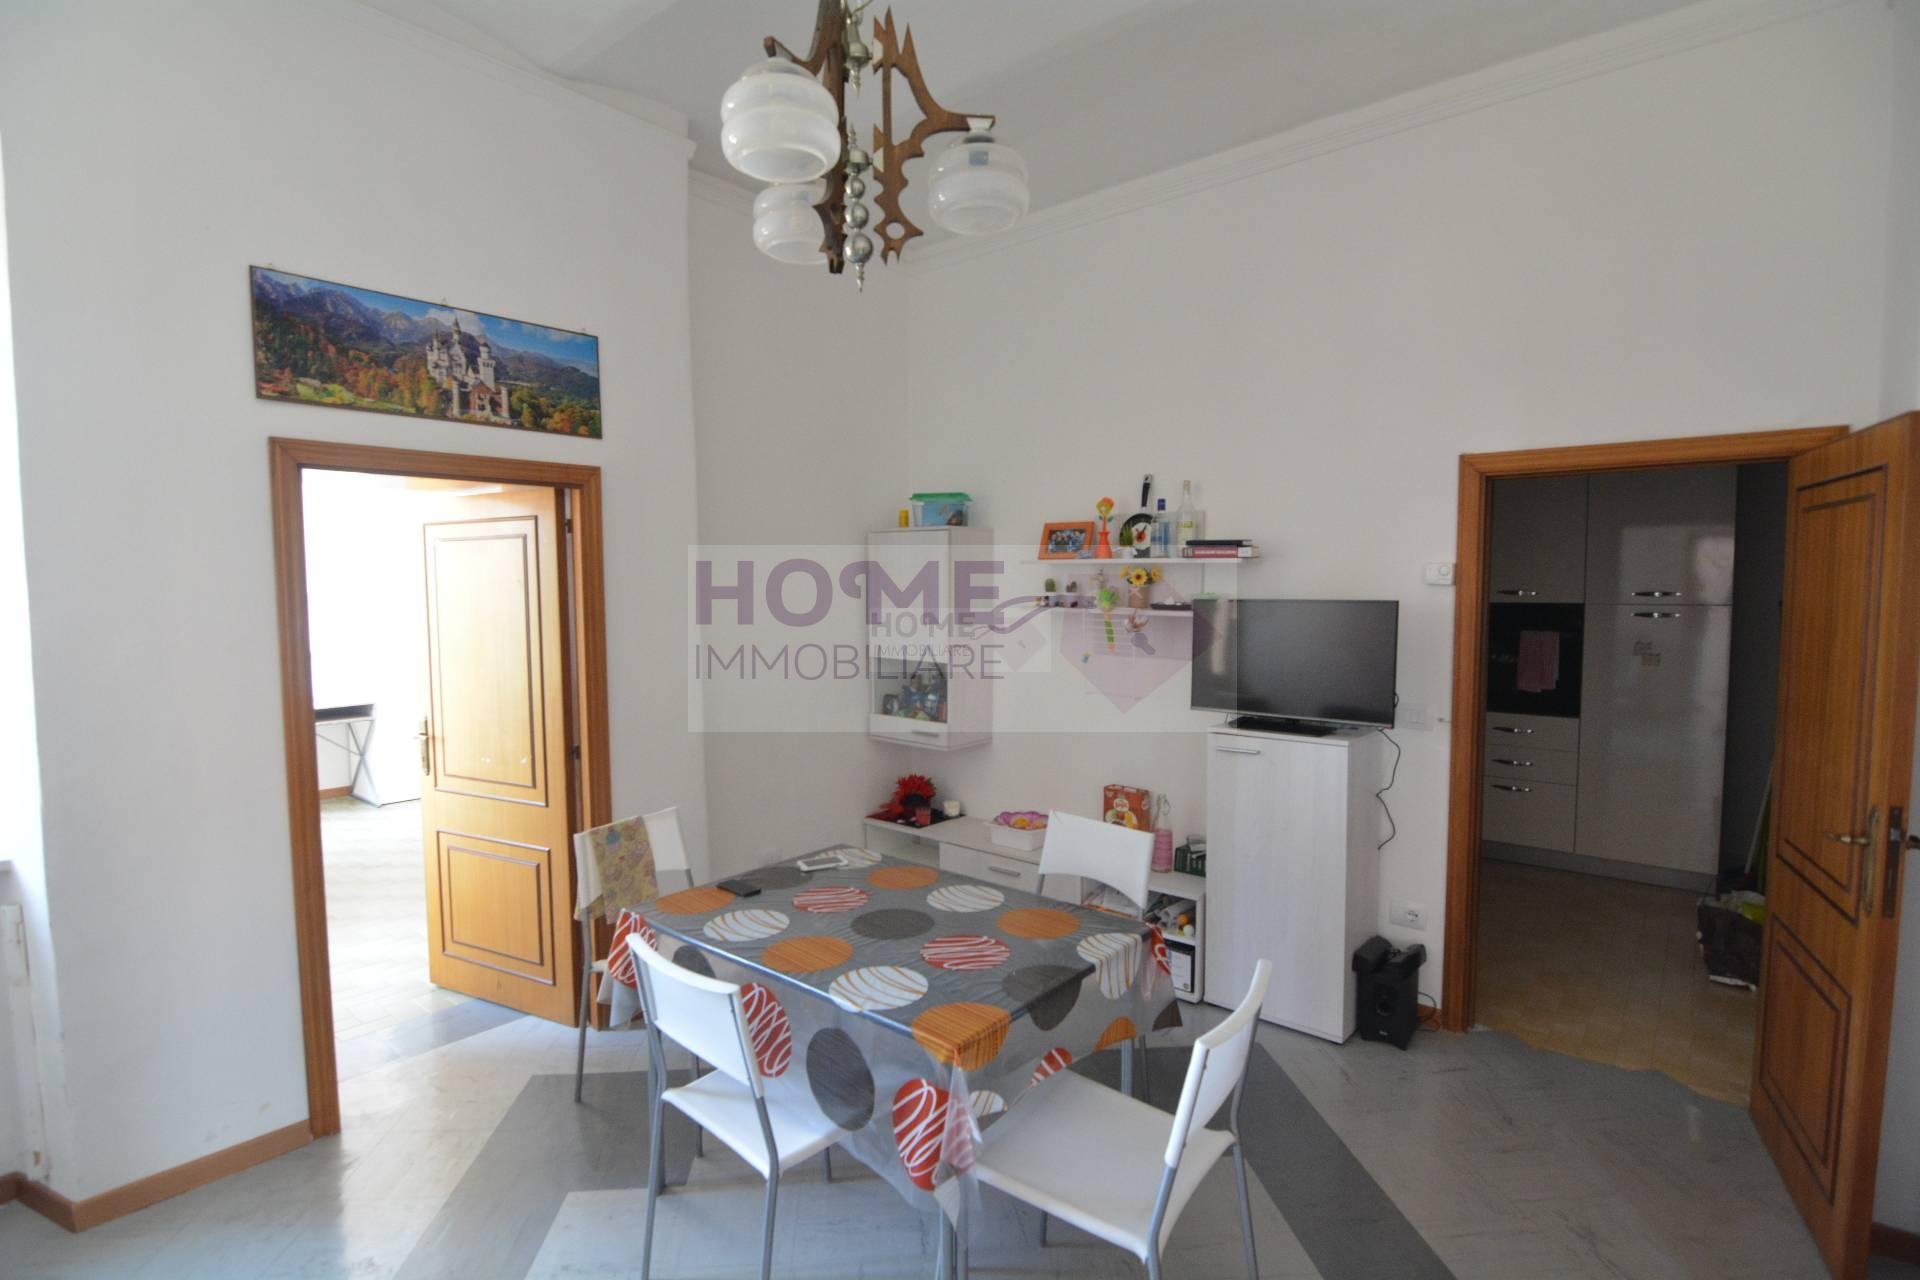 Appartamento in affitto a Macerata, 6 locali, zona Località: Centrostorico, prezzo € 700 | CambioCasa.it